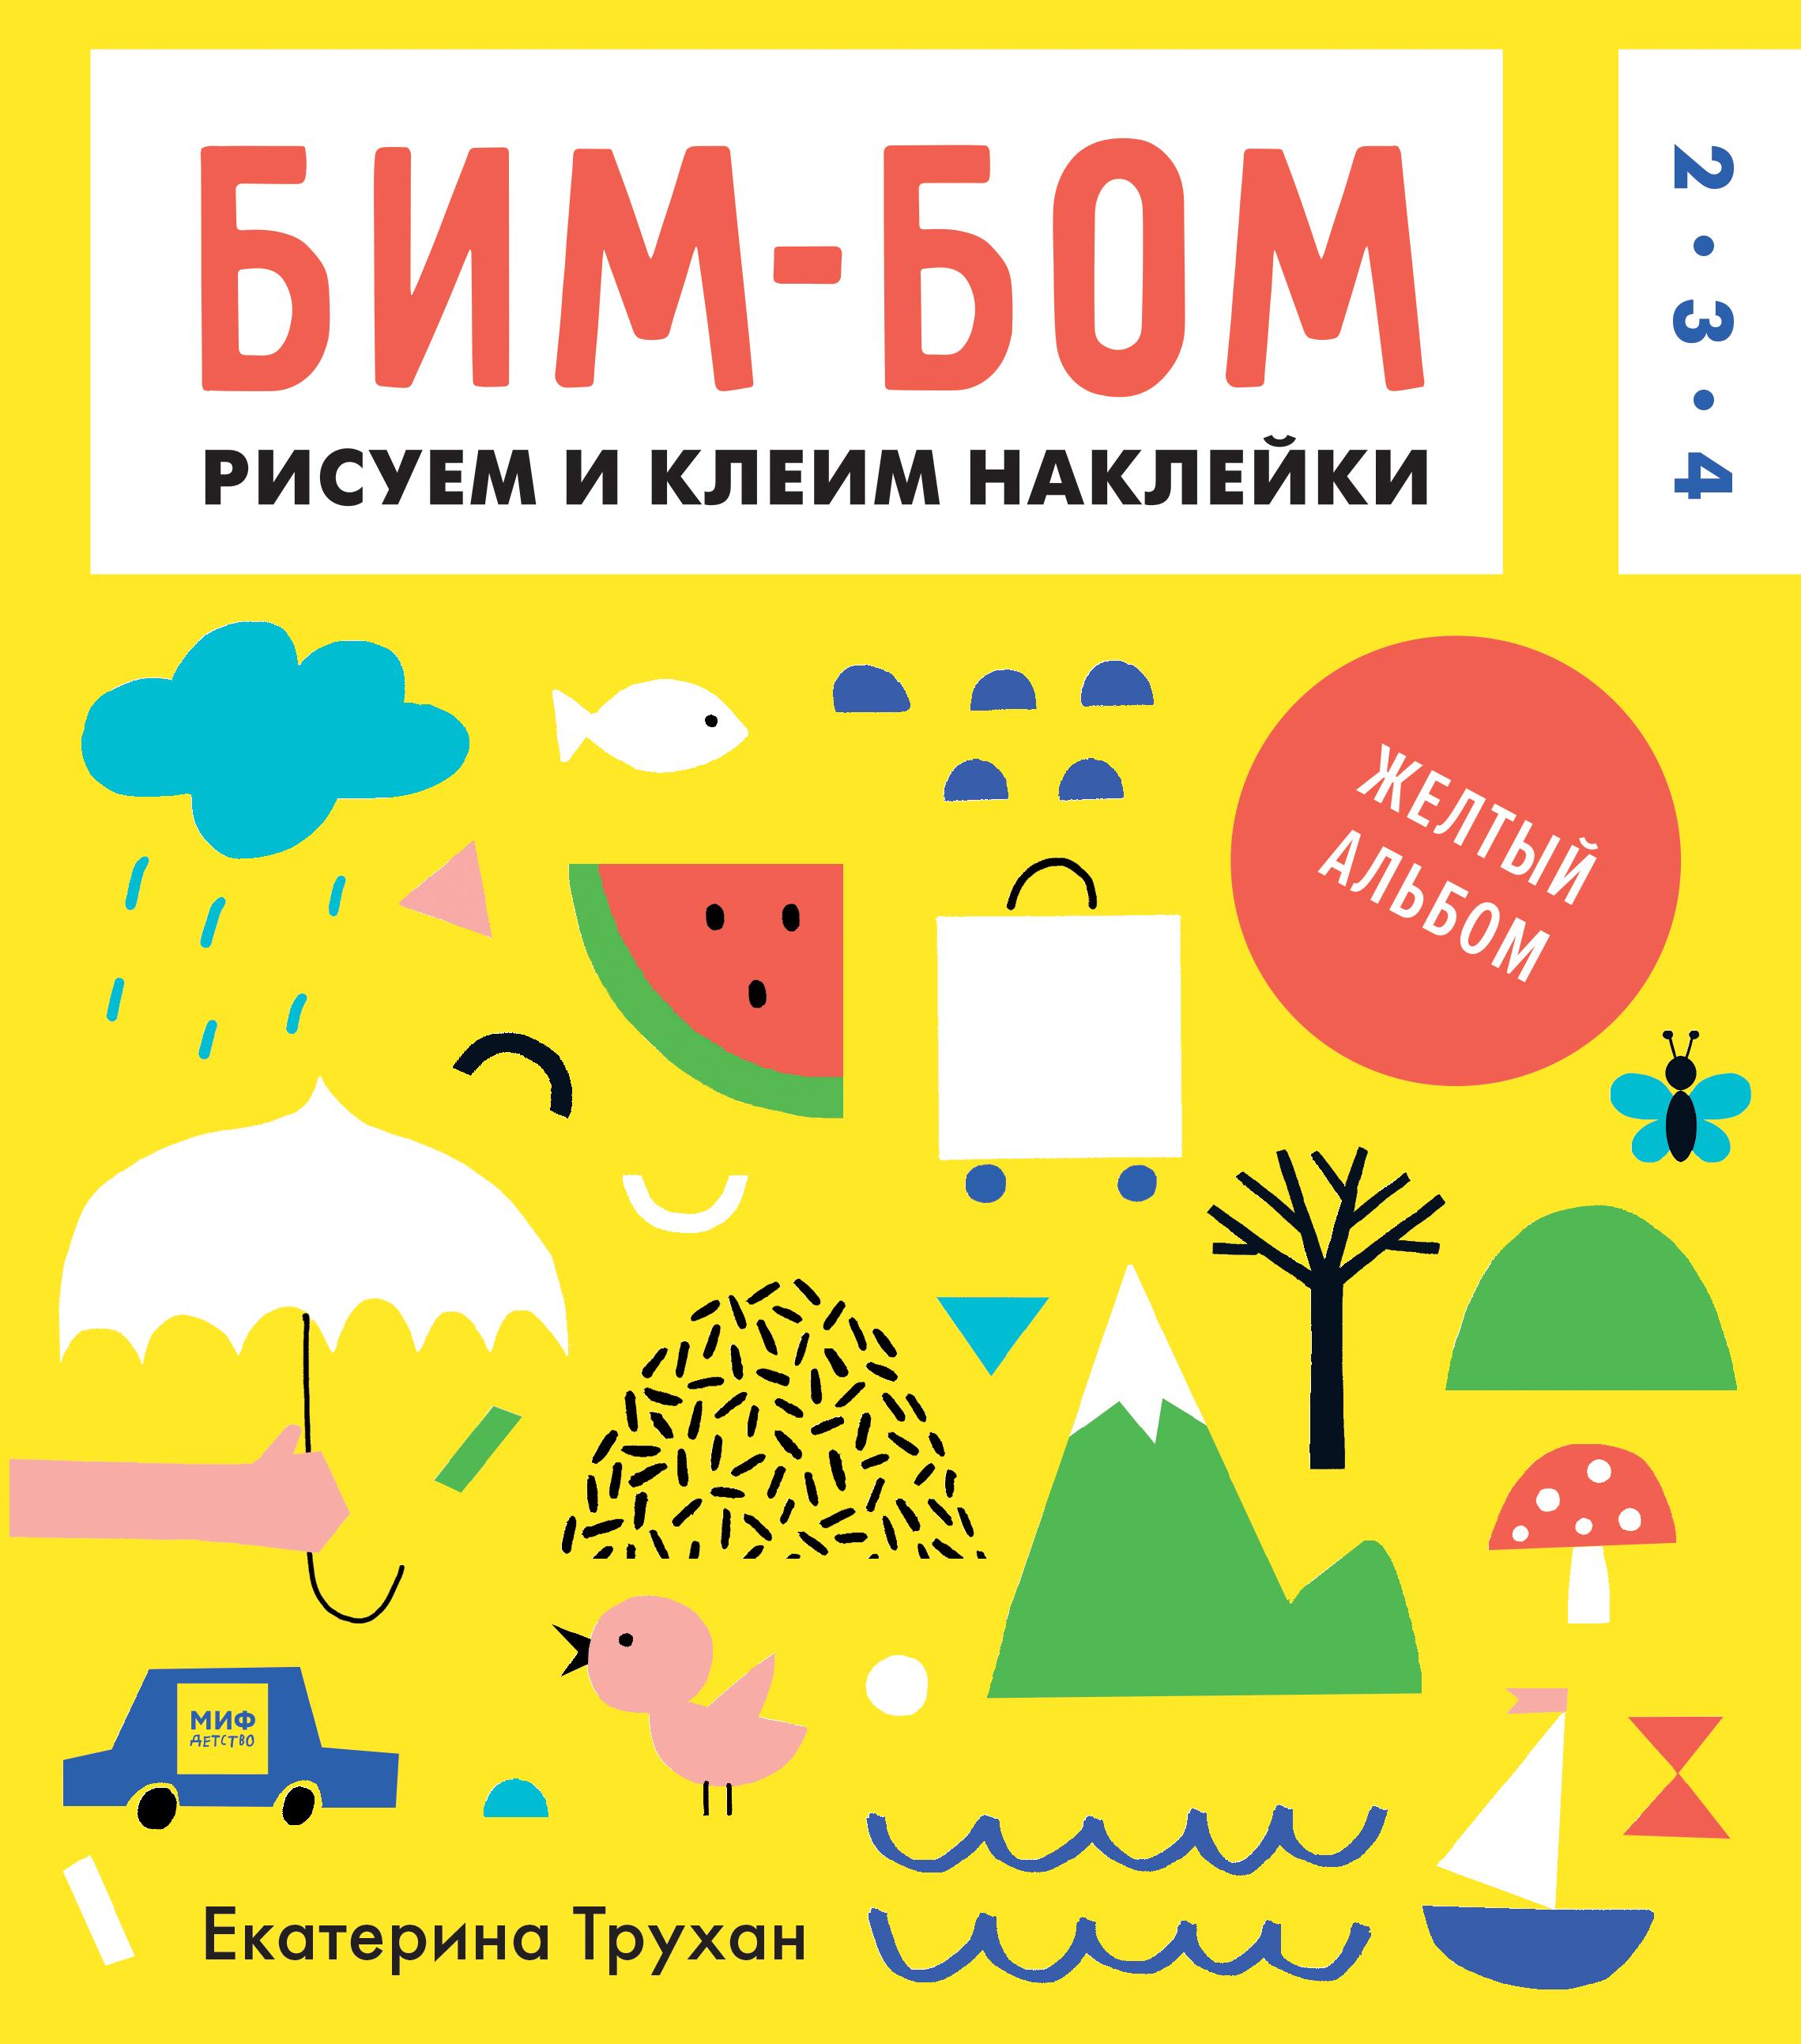 Екатерина Трухан Бим-бом. Желтый альбом. Рисуем и клеим наклейки bim and the cloud